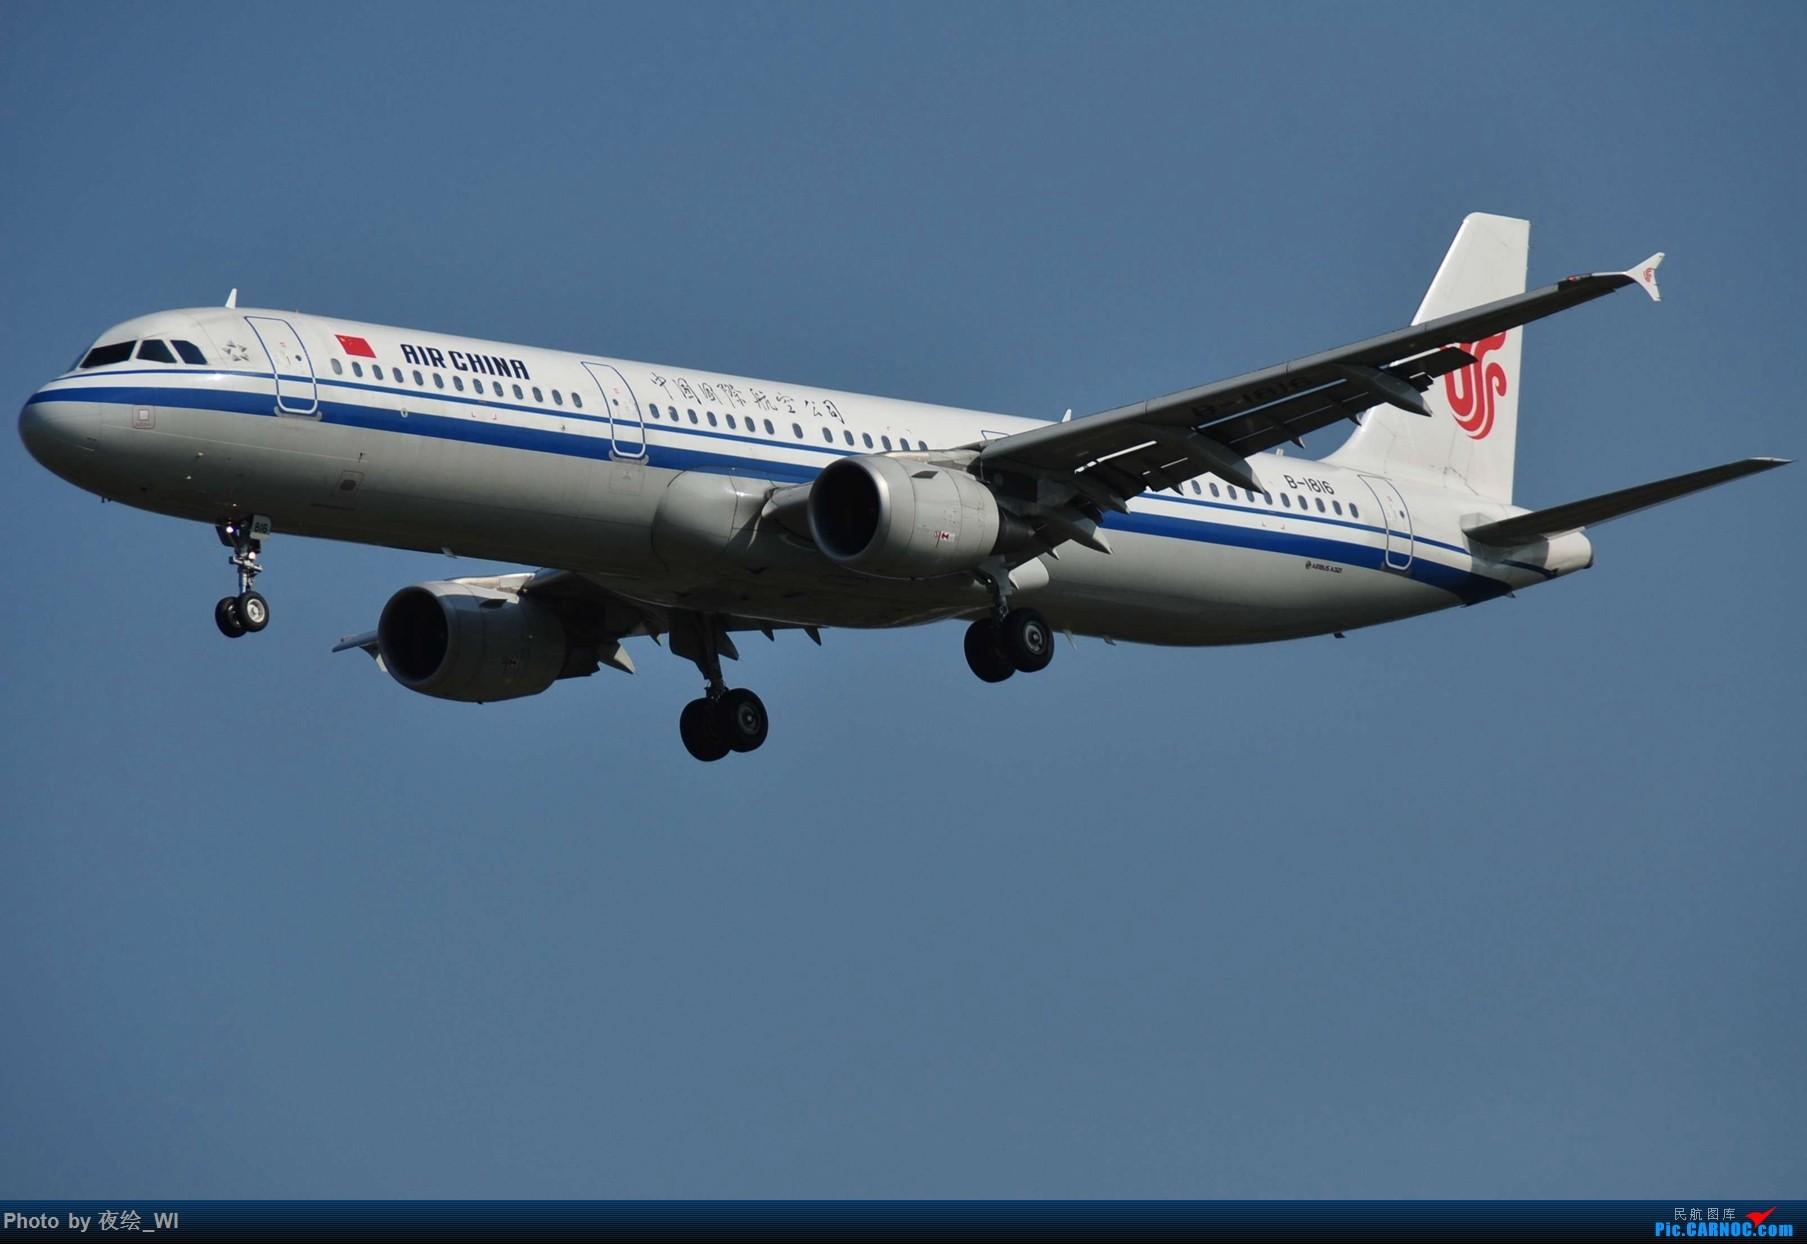 Re:[原创]【PEK】初刷八卦台,拍得飞起! AIRBUS A321-200 B-1816 中国北京首都国际机场